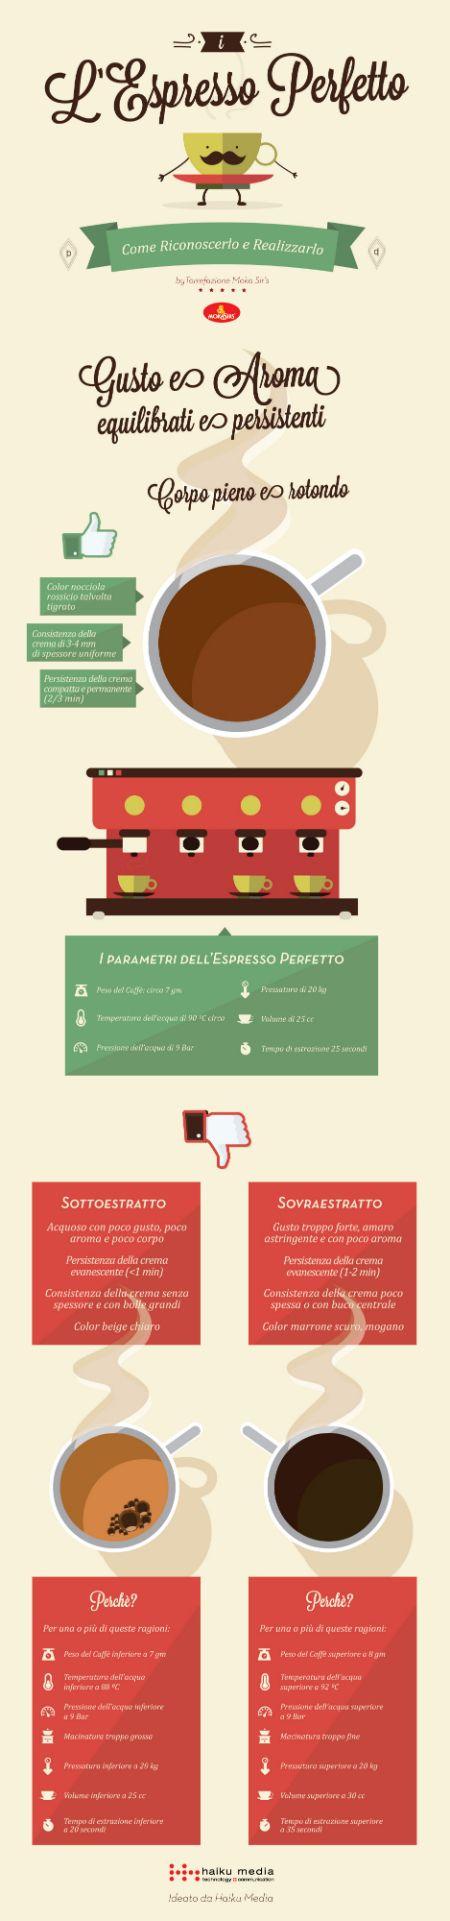 L'espresso perfetto http://www.b-eat.it/blog/digital/mokasirs-e-le-infografiche-da-sorseggiare-col-caffe